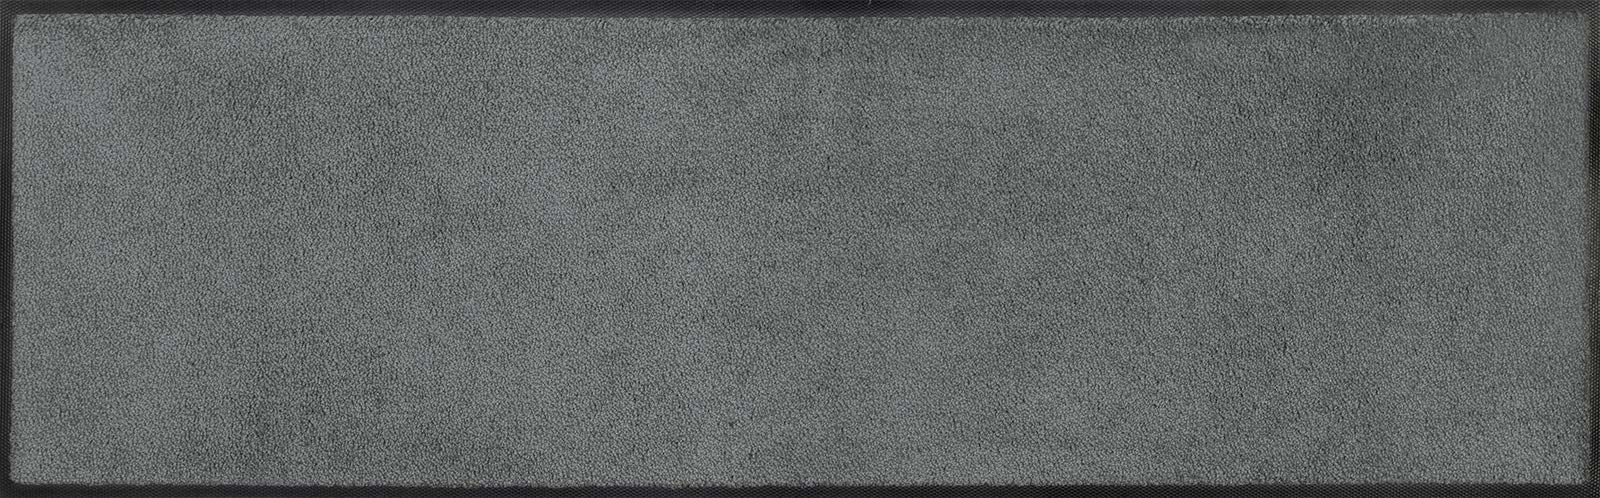 Wycieraczka, 100% poliamid, szary, 35 x 120 cm